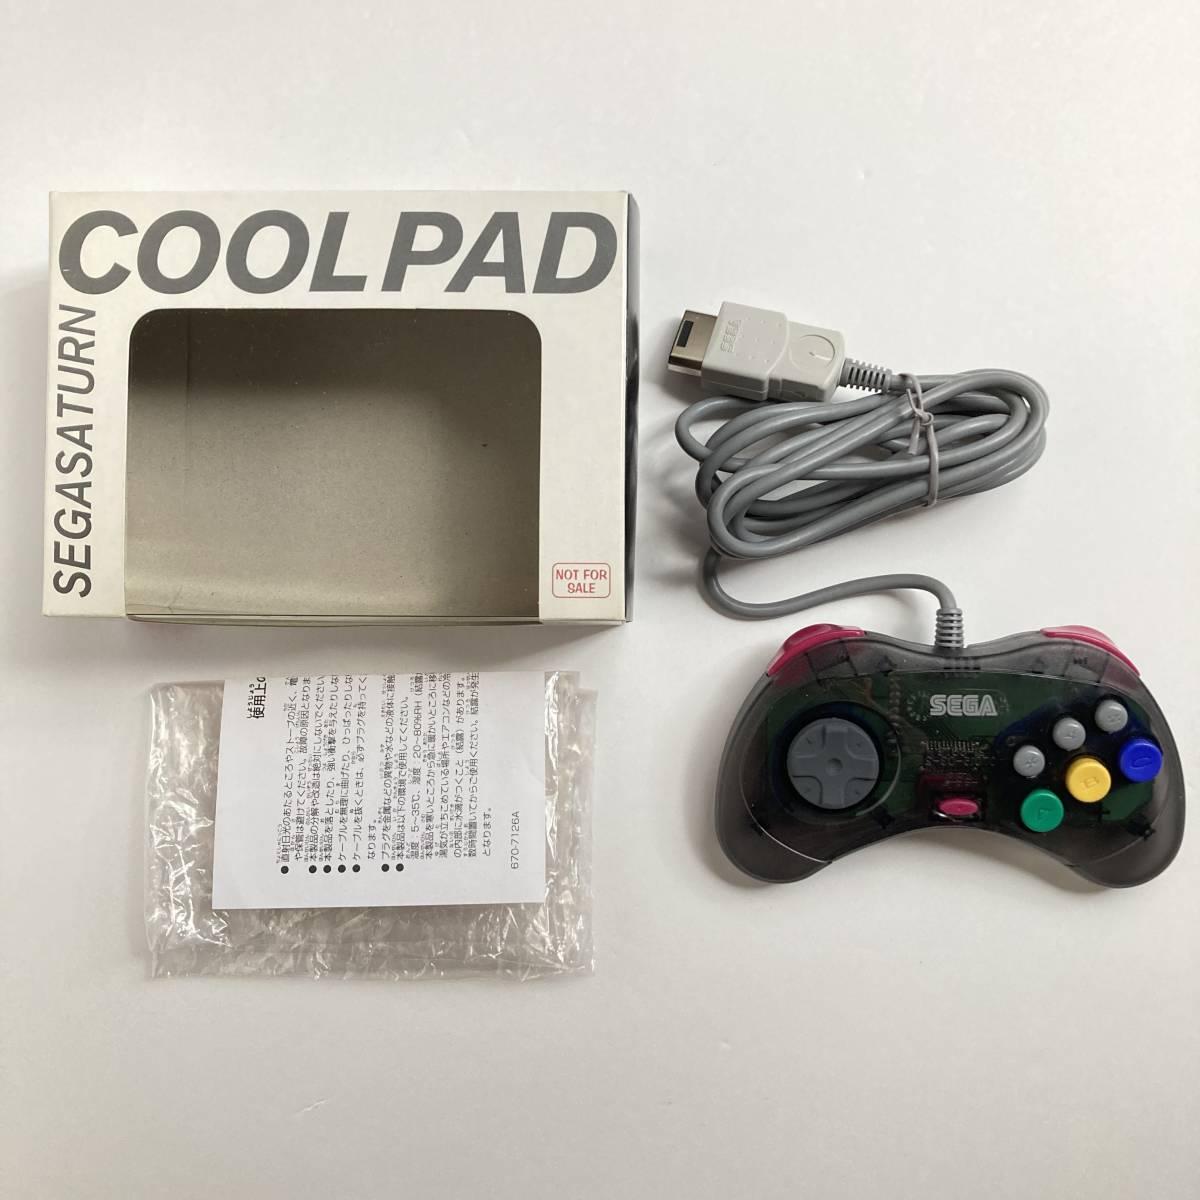 セガサターン COOL Pad コントローラー HSS-0162 / Cool Pad Controller Sega Saturn Black Clear Skeleton This is COOL Japan Tested